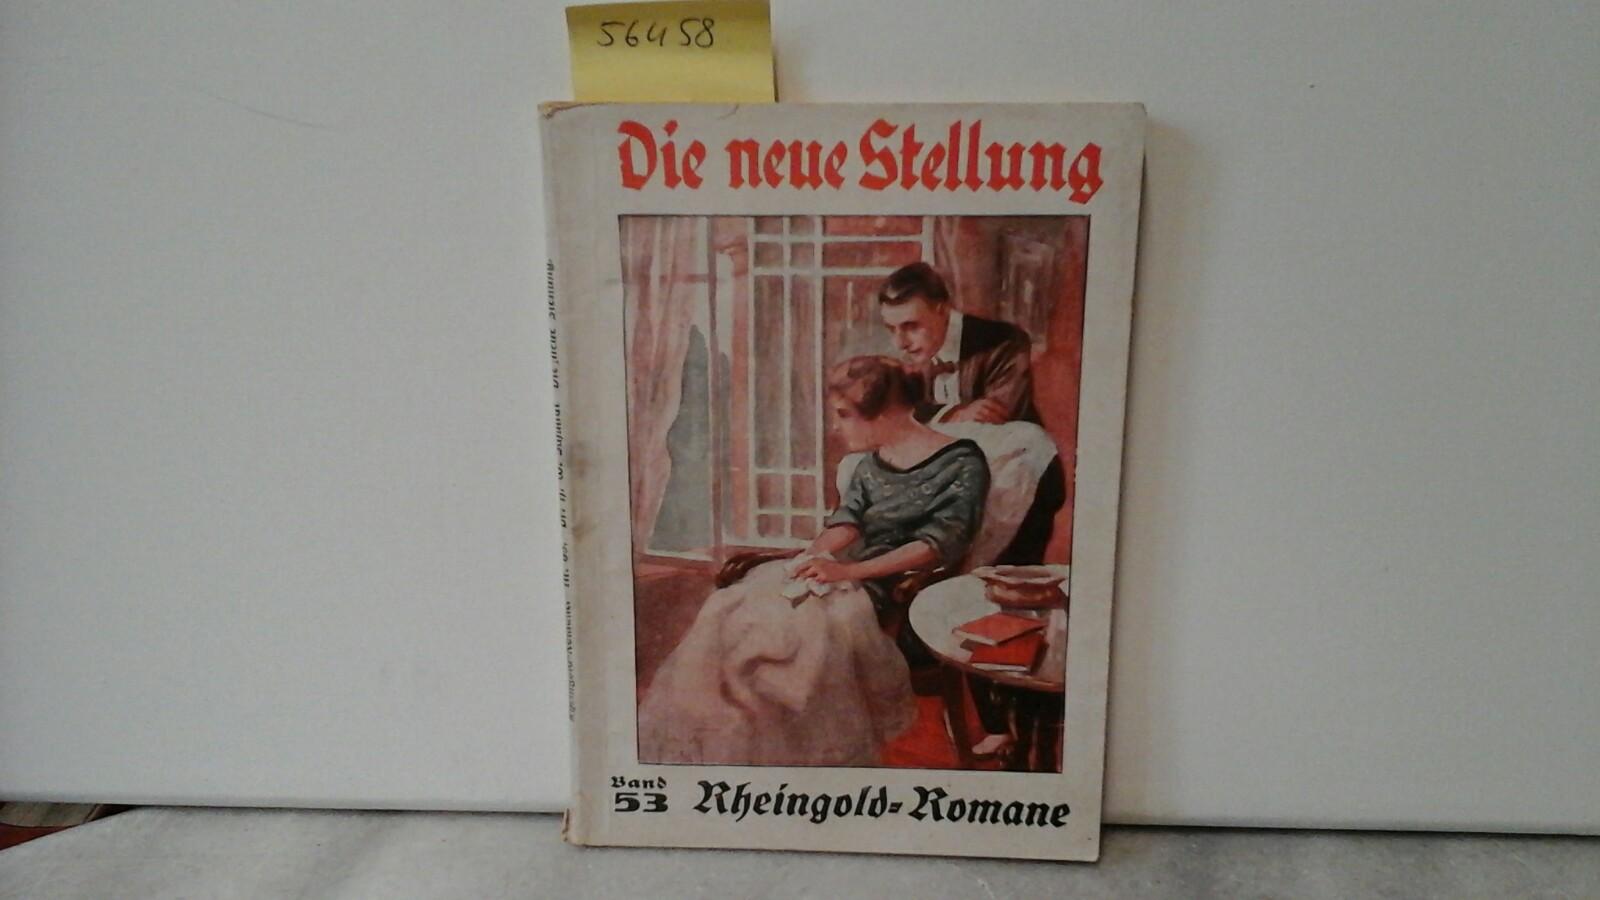 Die neue Stellung. Originalroman von Dr. Hans Walter Schmidt. Erste /1./ Auflage.